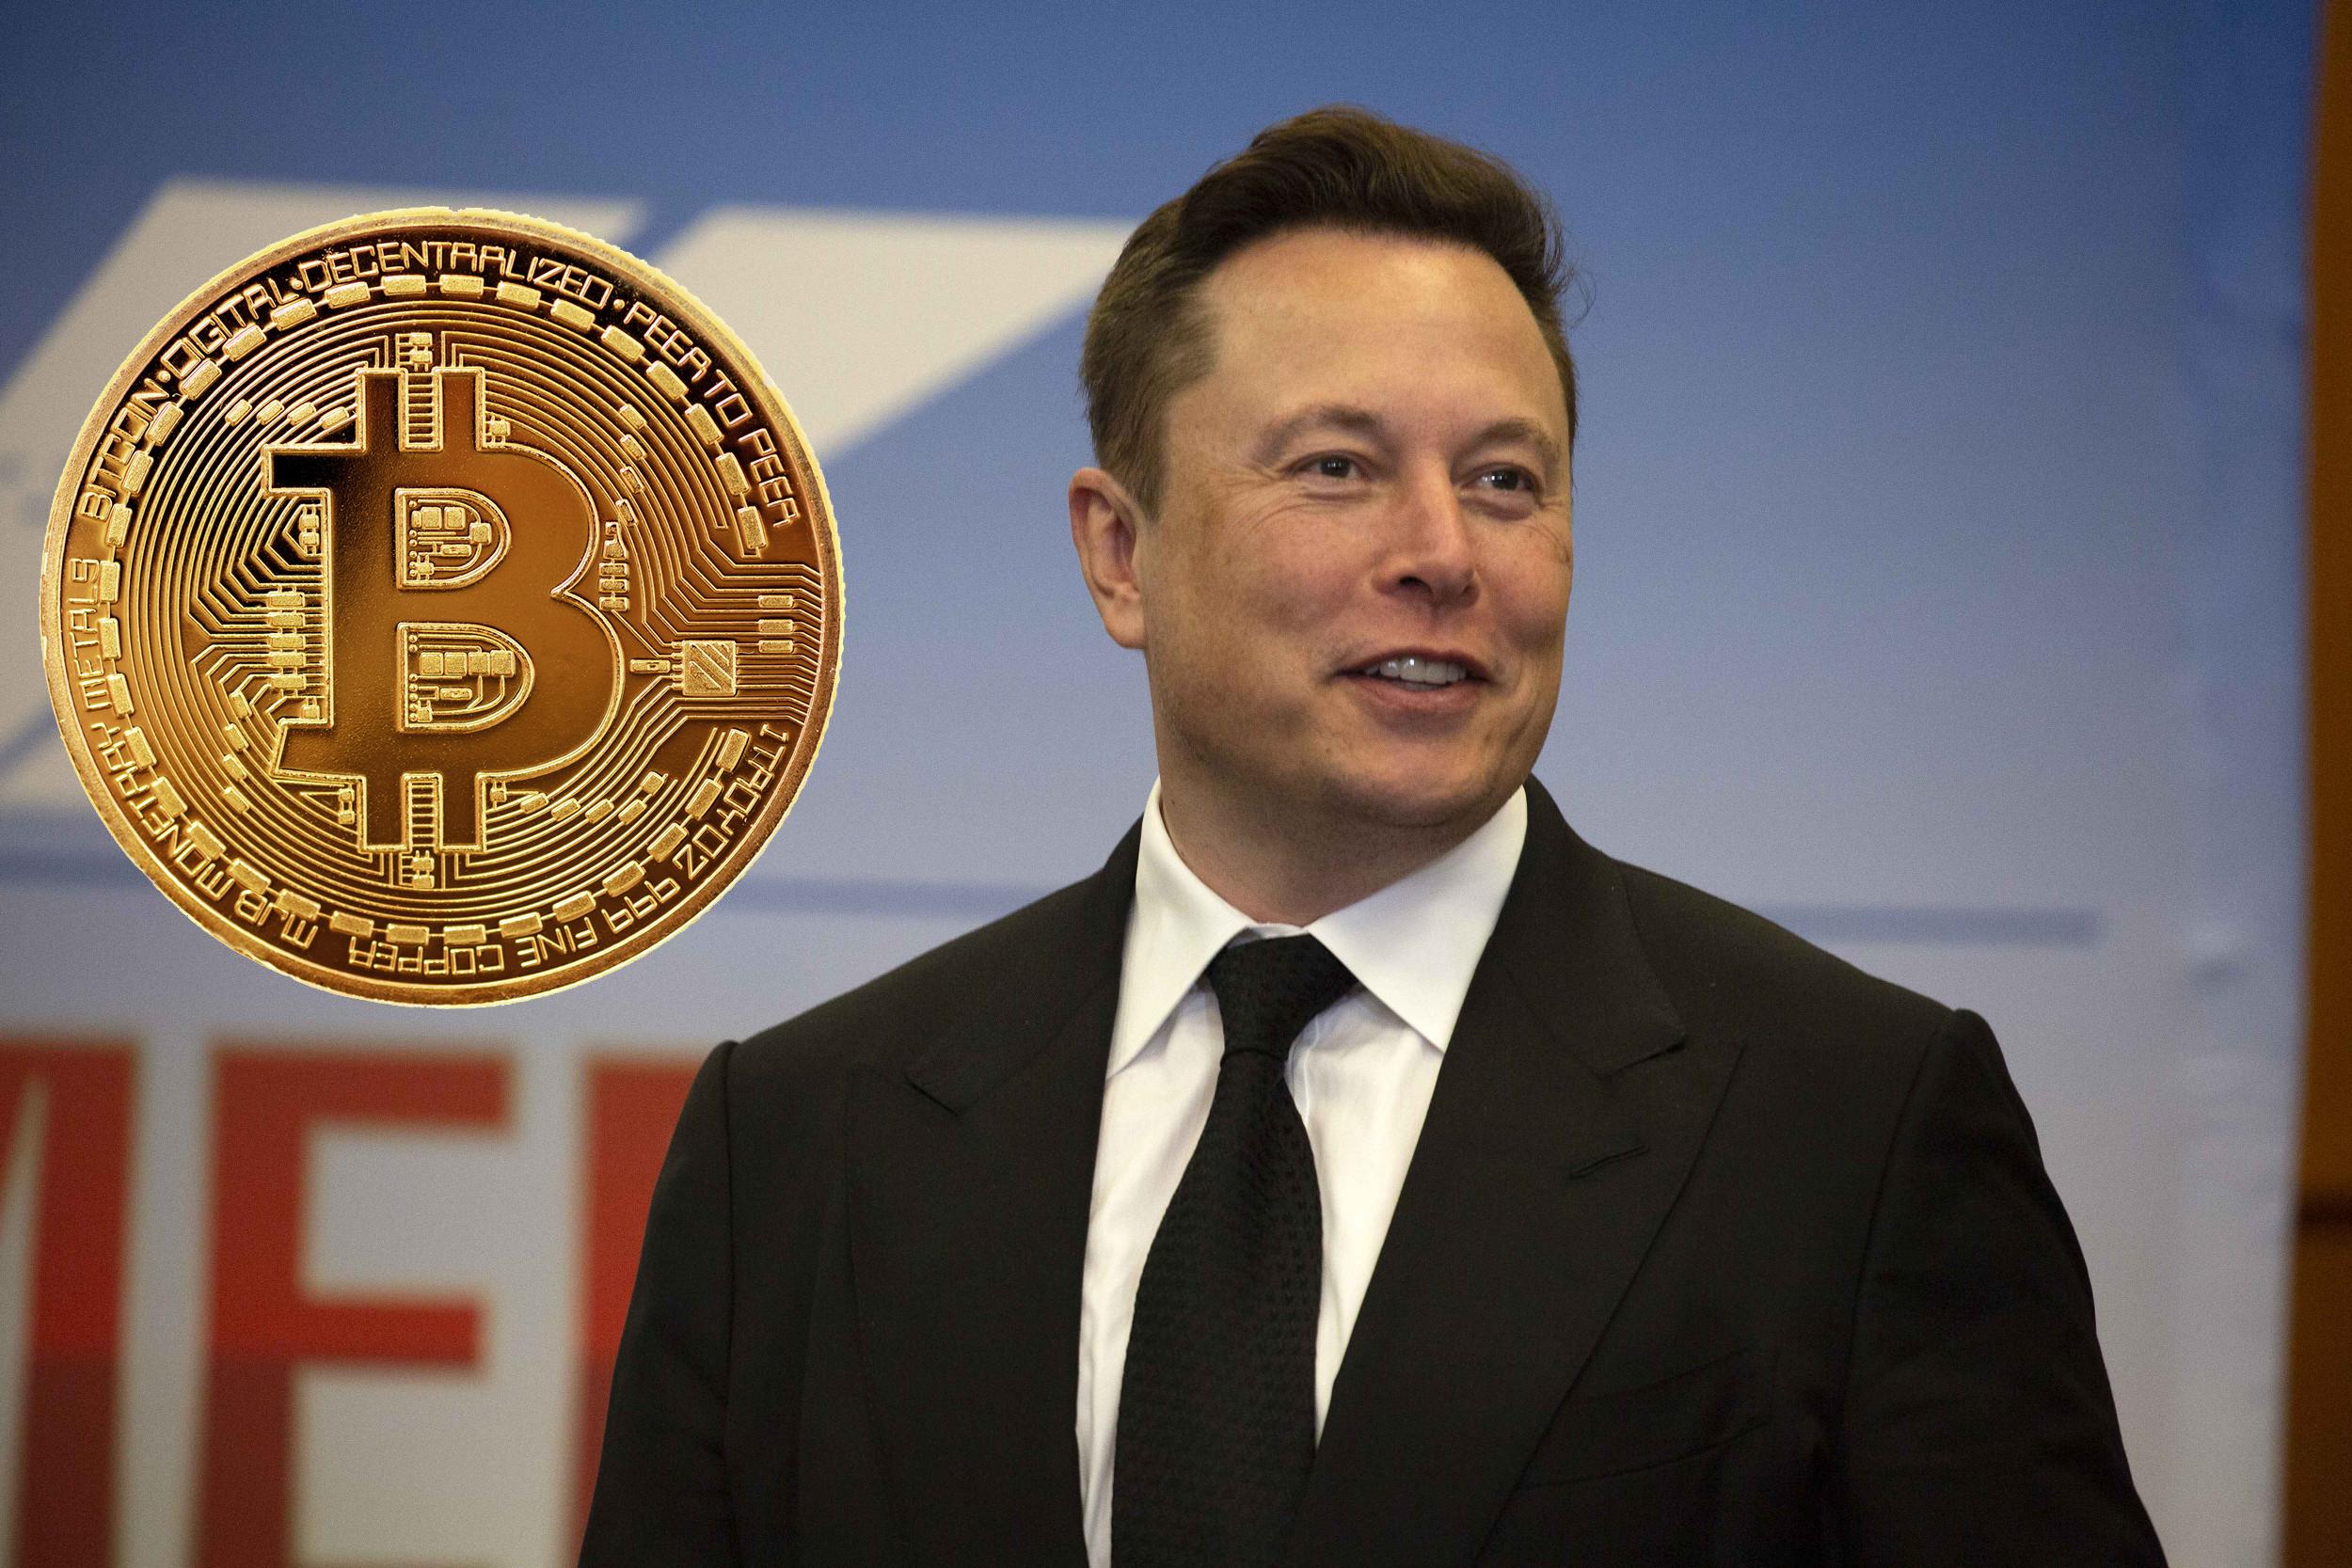 esla CEOsu Elon Musktan Bitcoin ATMsi Aciklamasi Geldi